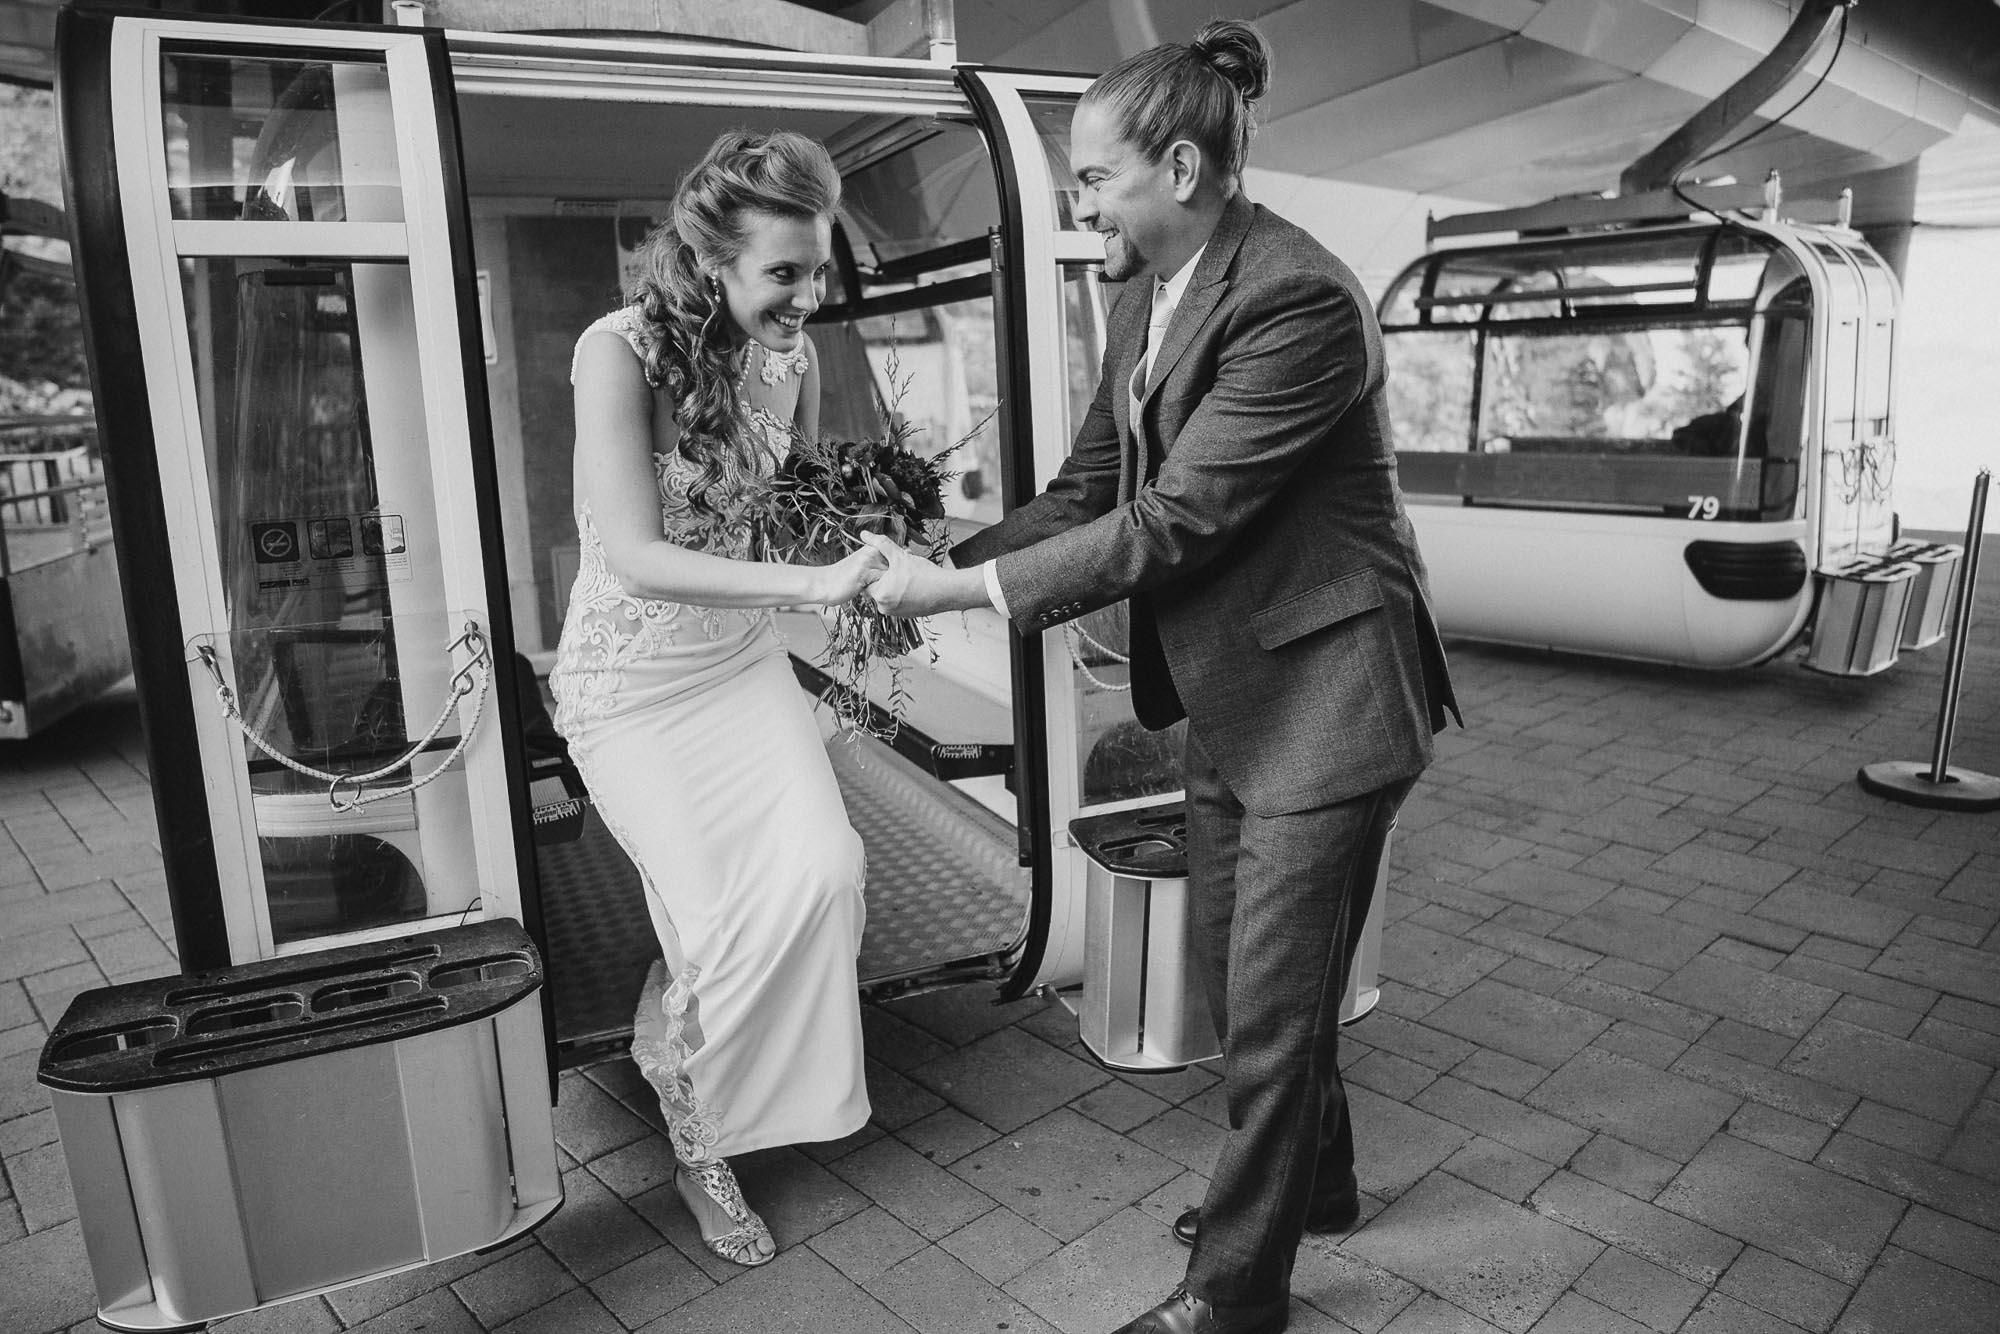 Snowbasin wedding bride and groom exiting gondola photo